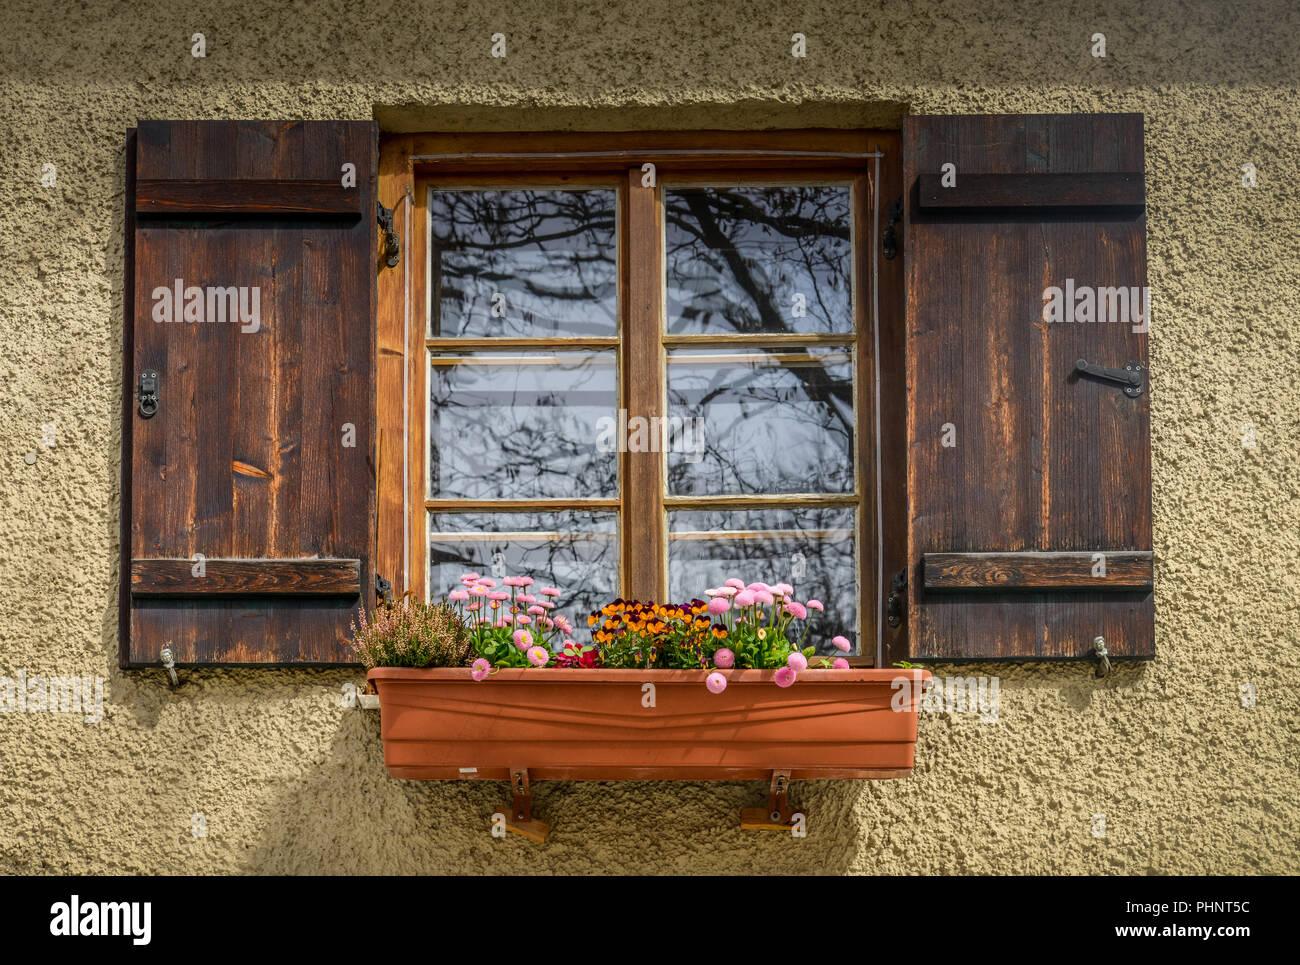 Fenster, Blumen, Preysingstrasse, Alt-Haidhausen, Haidhausen, Muenchen, Bayern, Deutschland Stock Photo